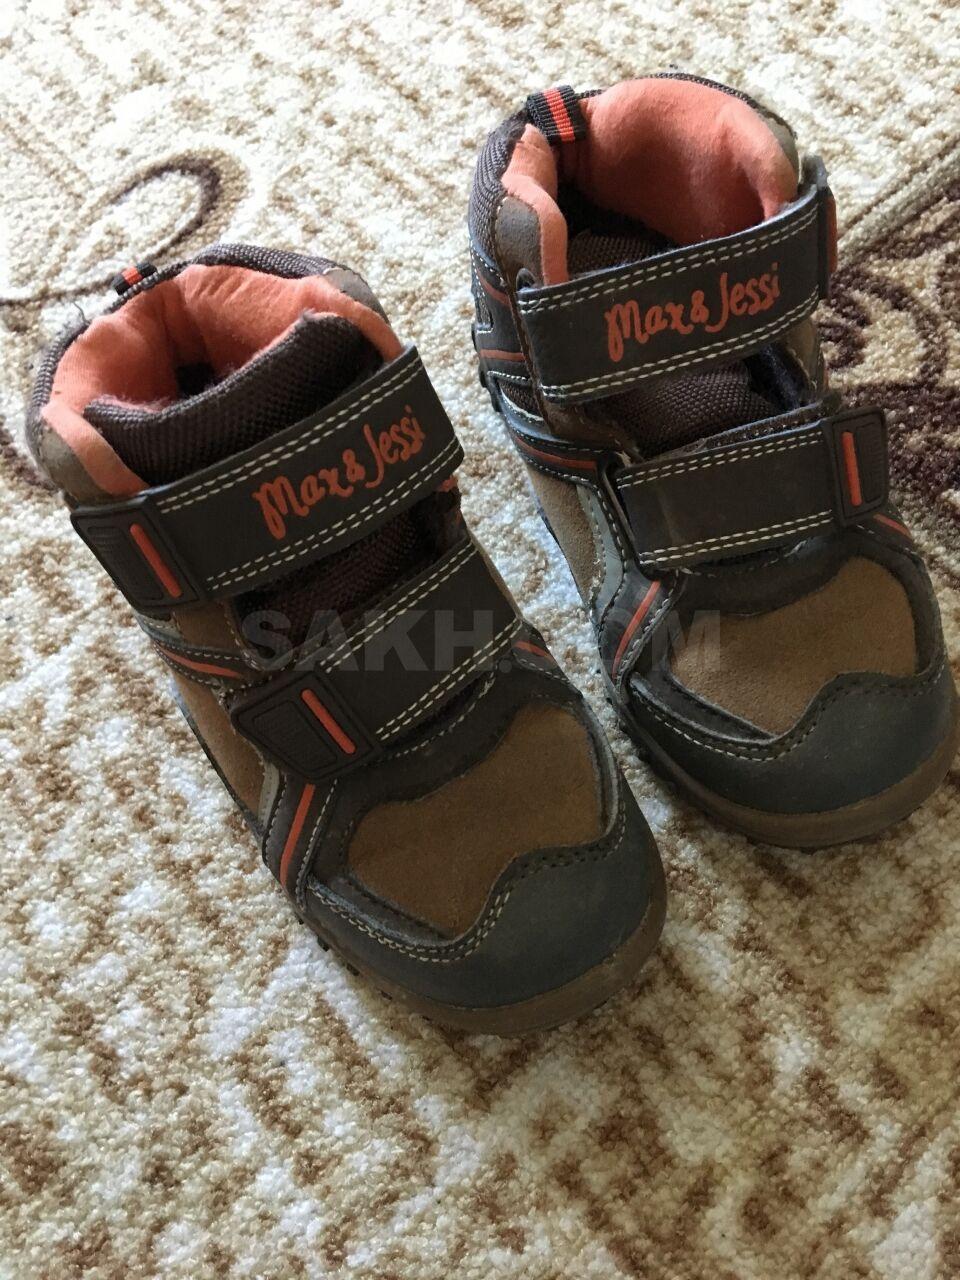 f14cdcf47 Продам ботиночки для мальчика, на нынешнюю погоду самое то, состояние  ботинок хорошее р-р 28. Носились аккуратно. 500 руб.